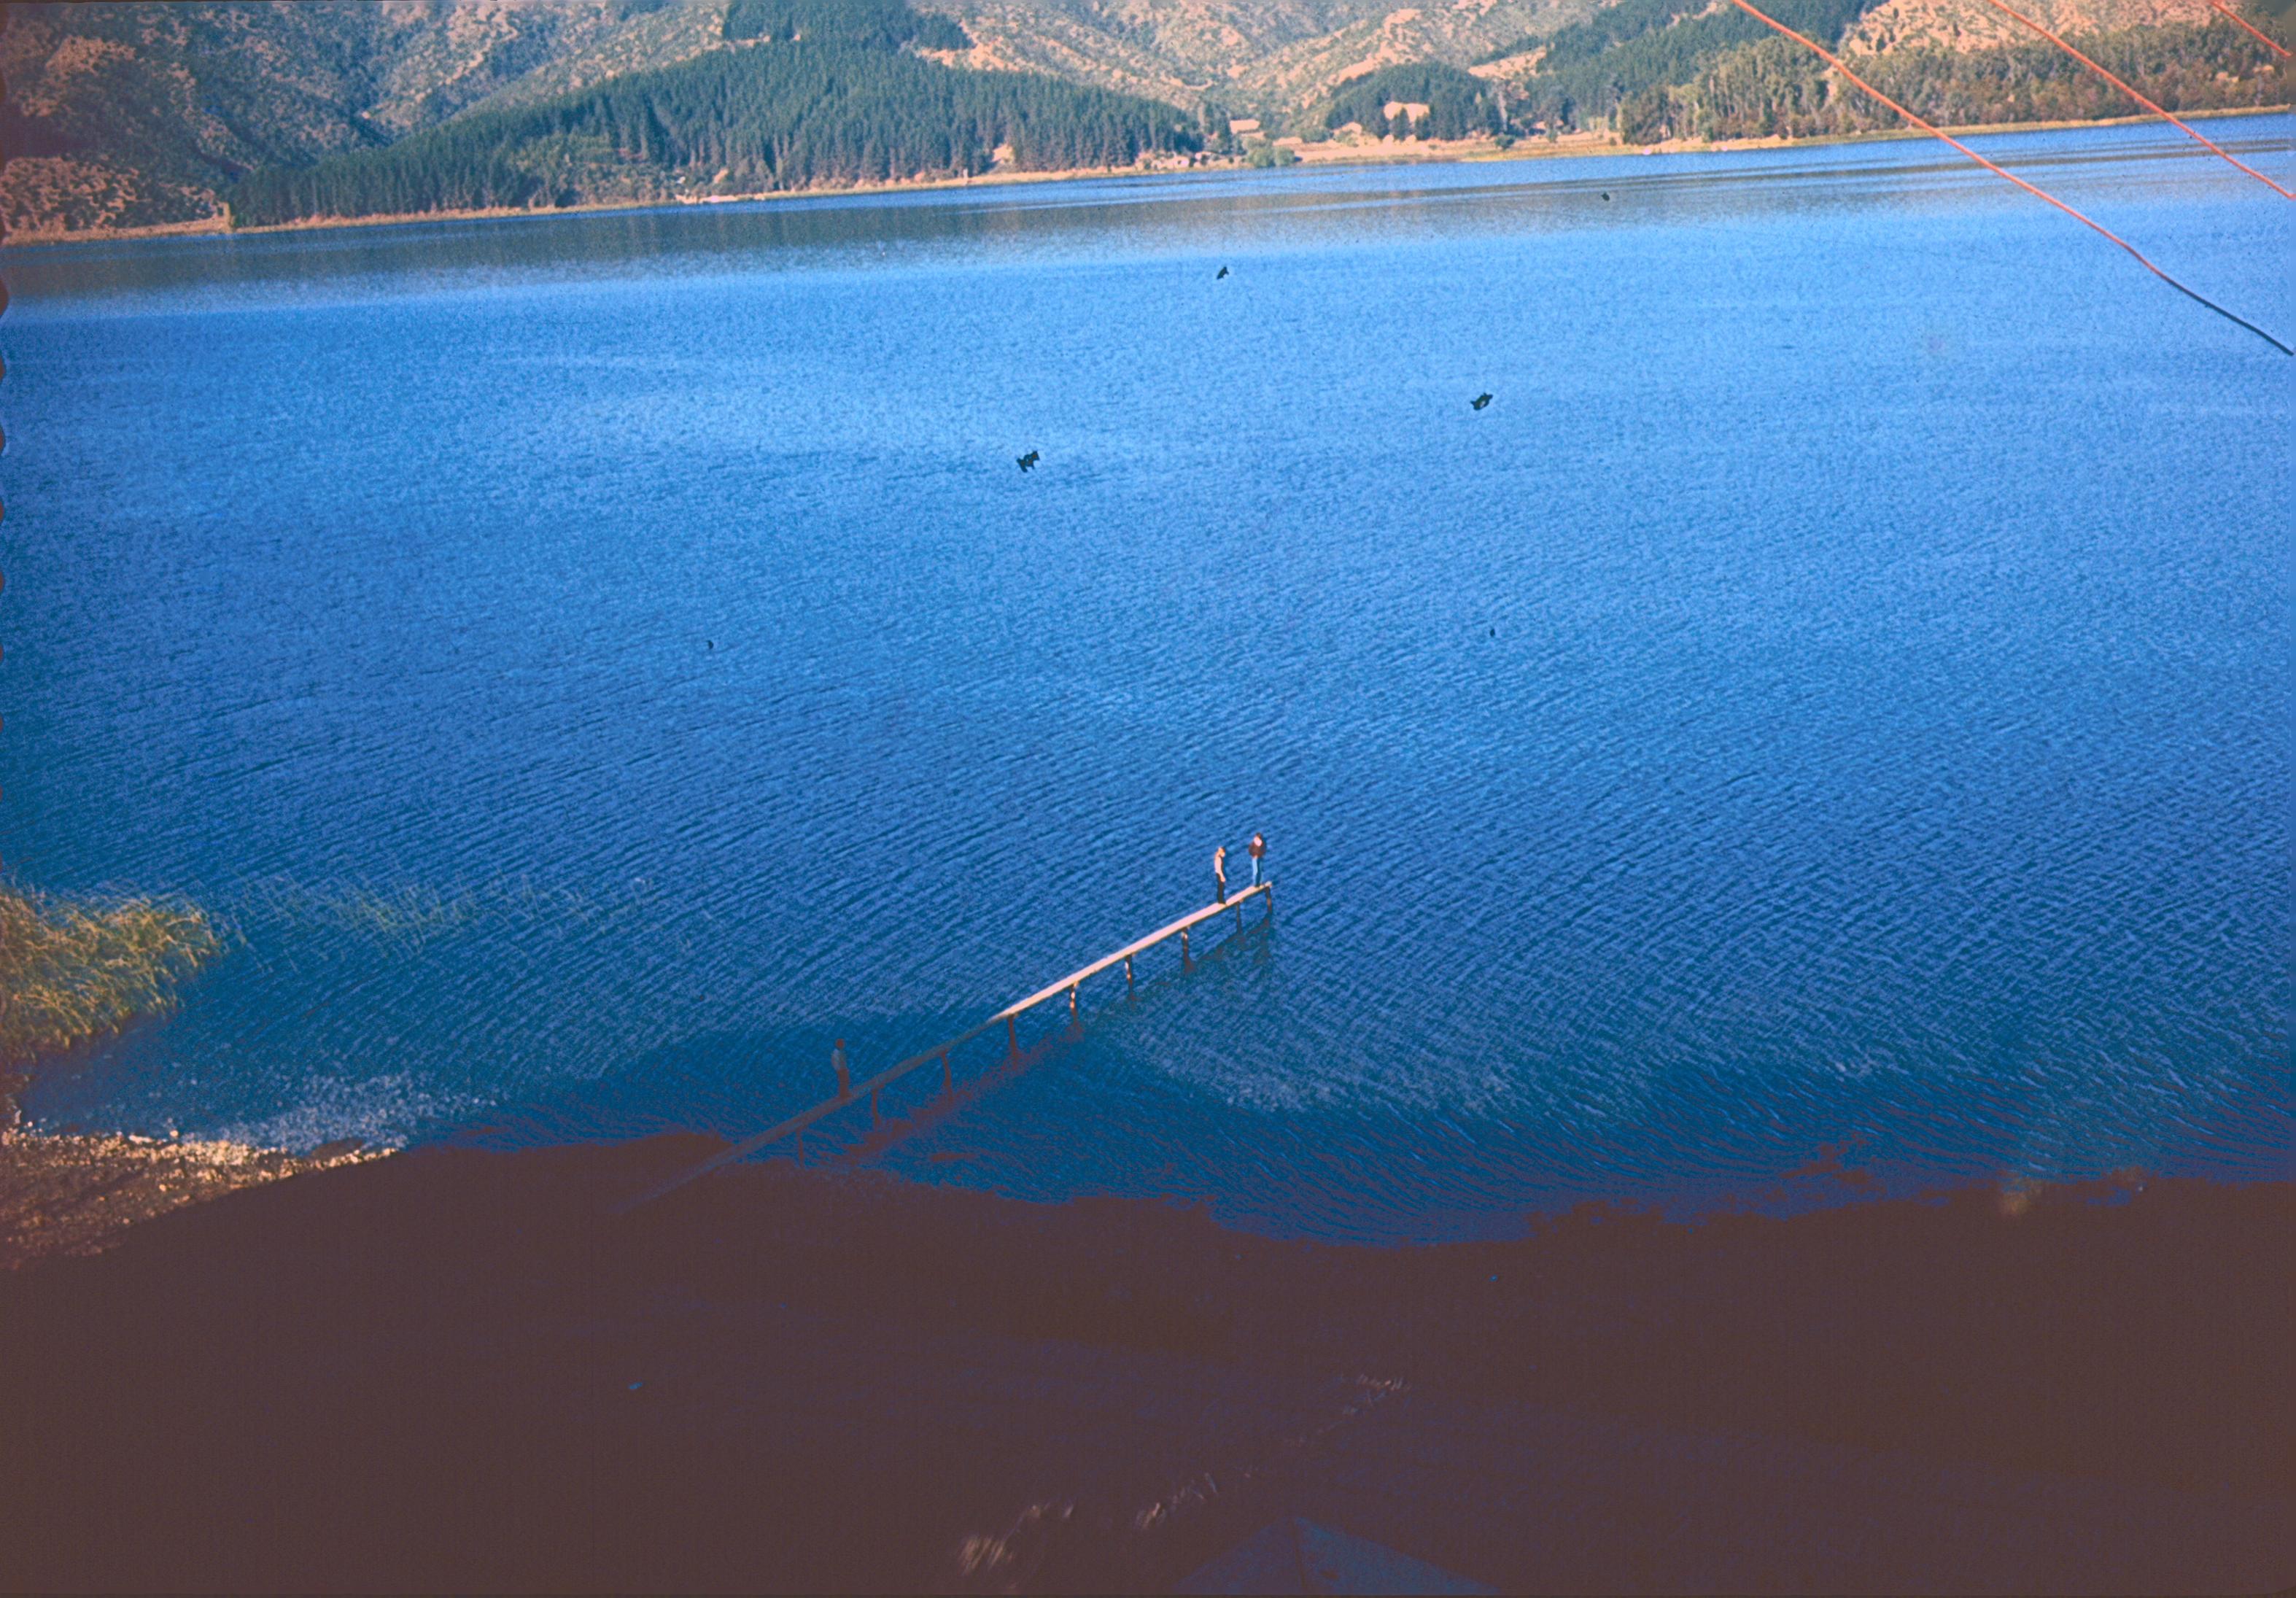 Enterreno - Fotos históricas de chile - fotos antiguas de Chile - Lago Peñuelas en 1964